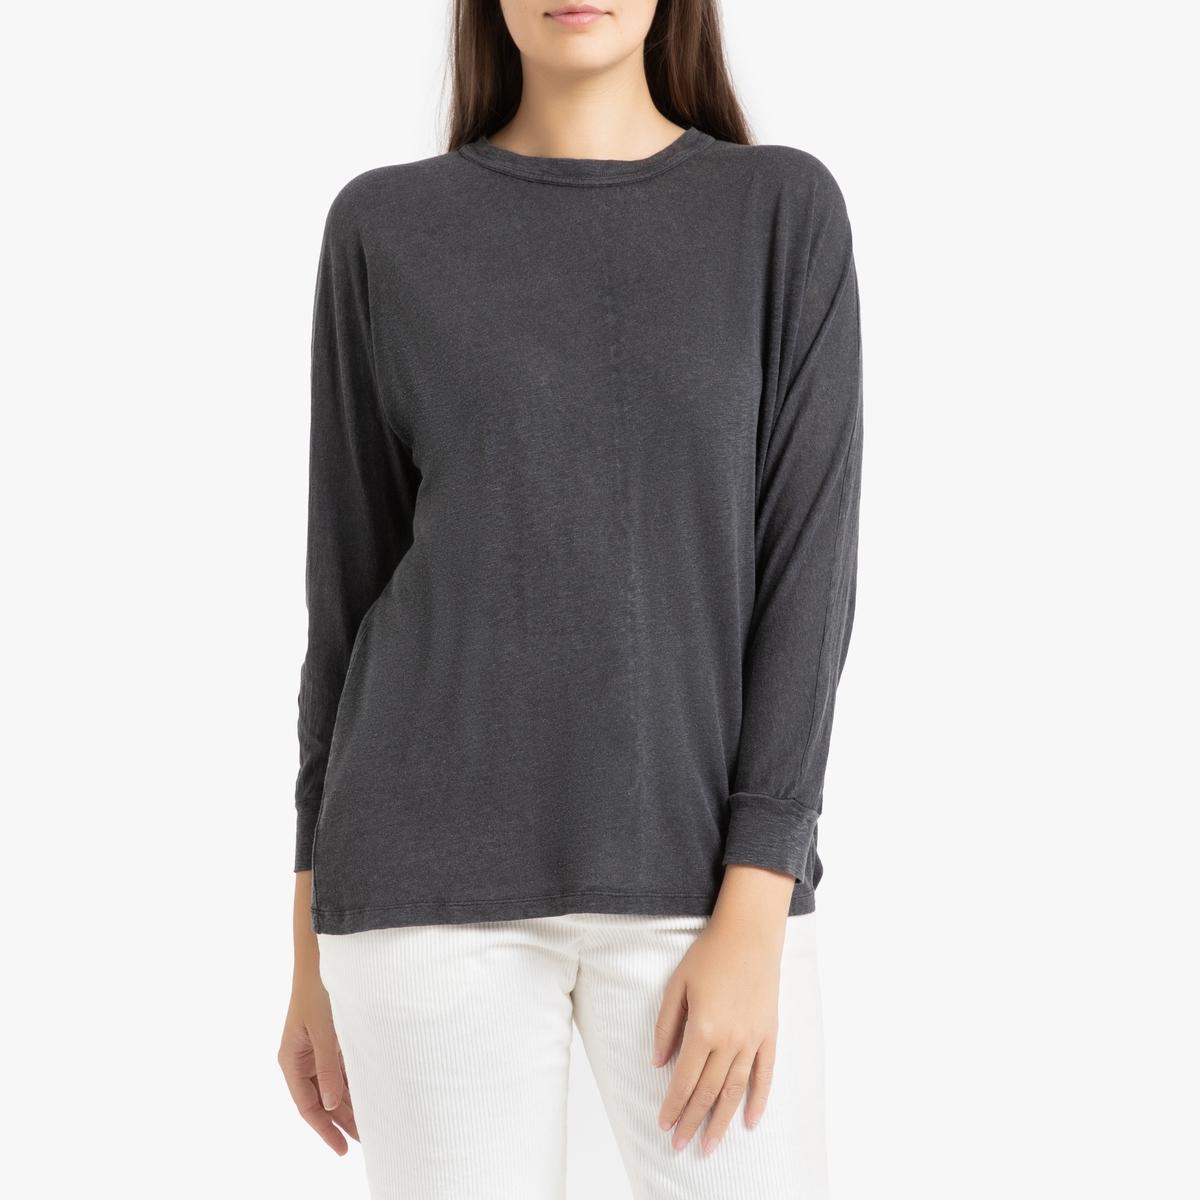 Футболка La Redoute С круглым вырезом и длинными рукавами KOBIBAY M/L серый футболка женская oodji ultra цвет серый 14707001 7 46154 23a0z размер m 46